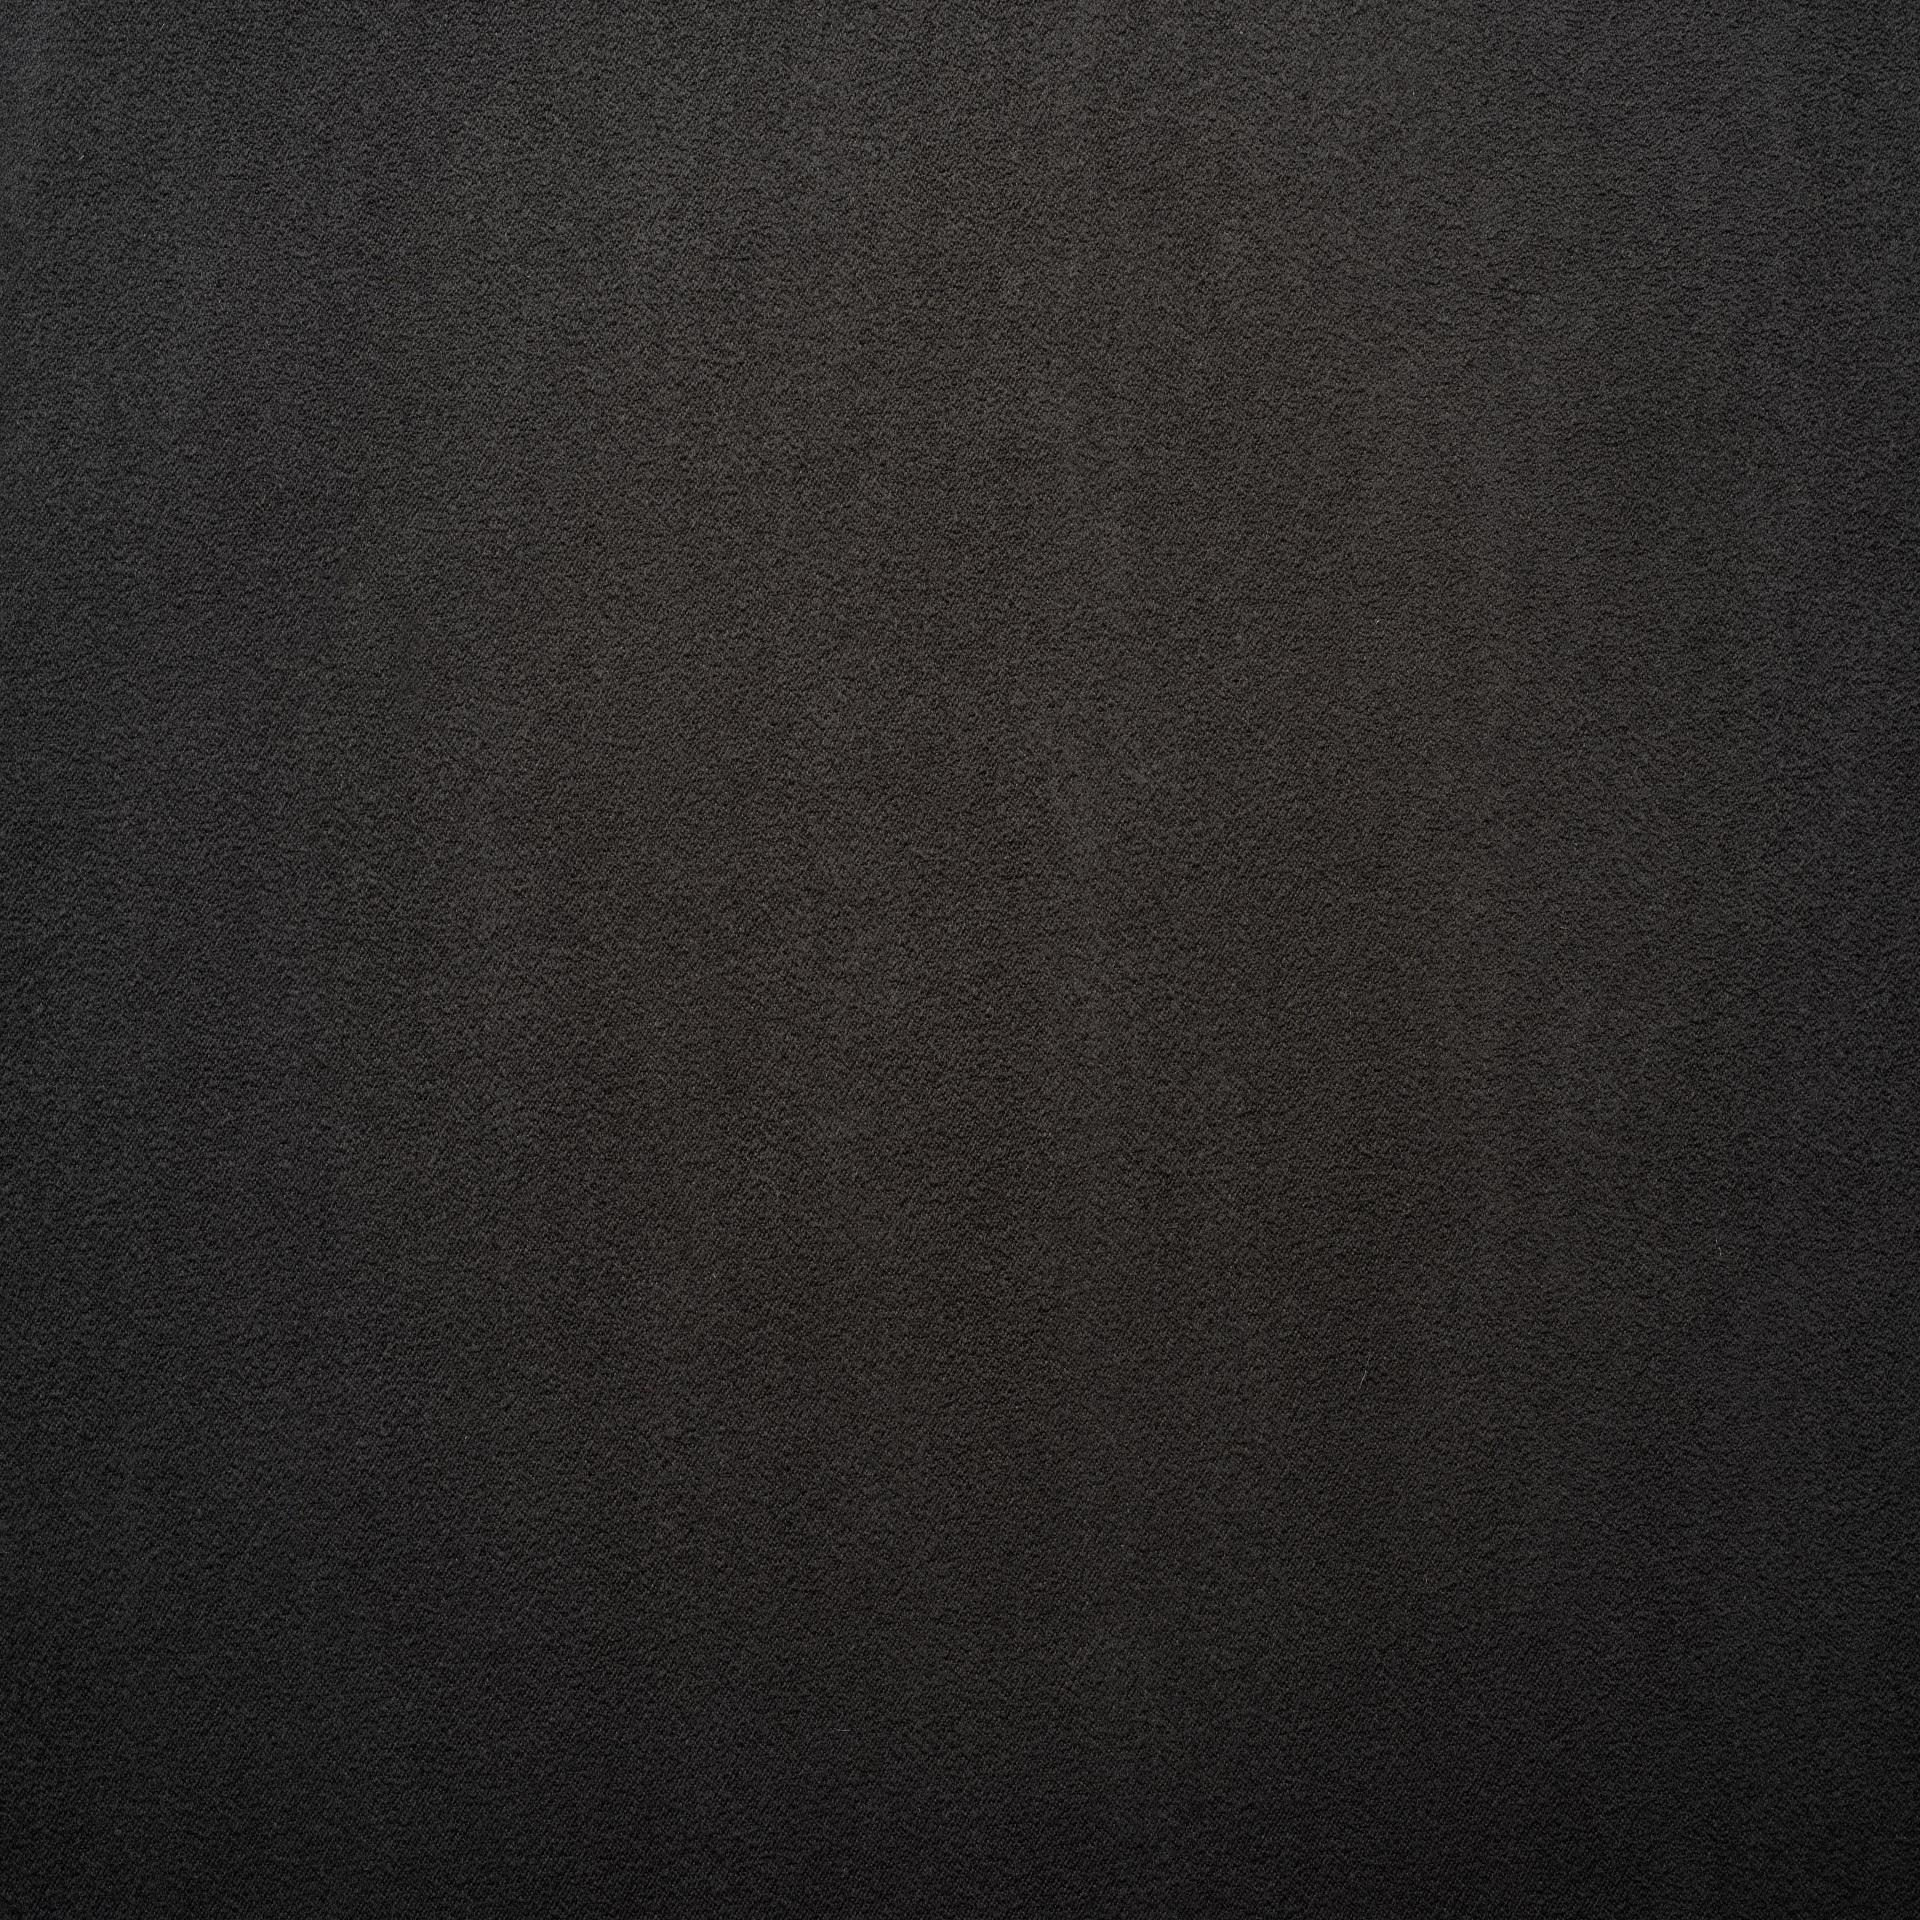 Коллекция ткани Нубук 10 CACHALOT,  купить ткань Велюр для мебели Украина